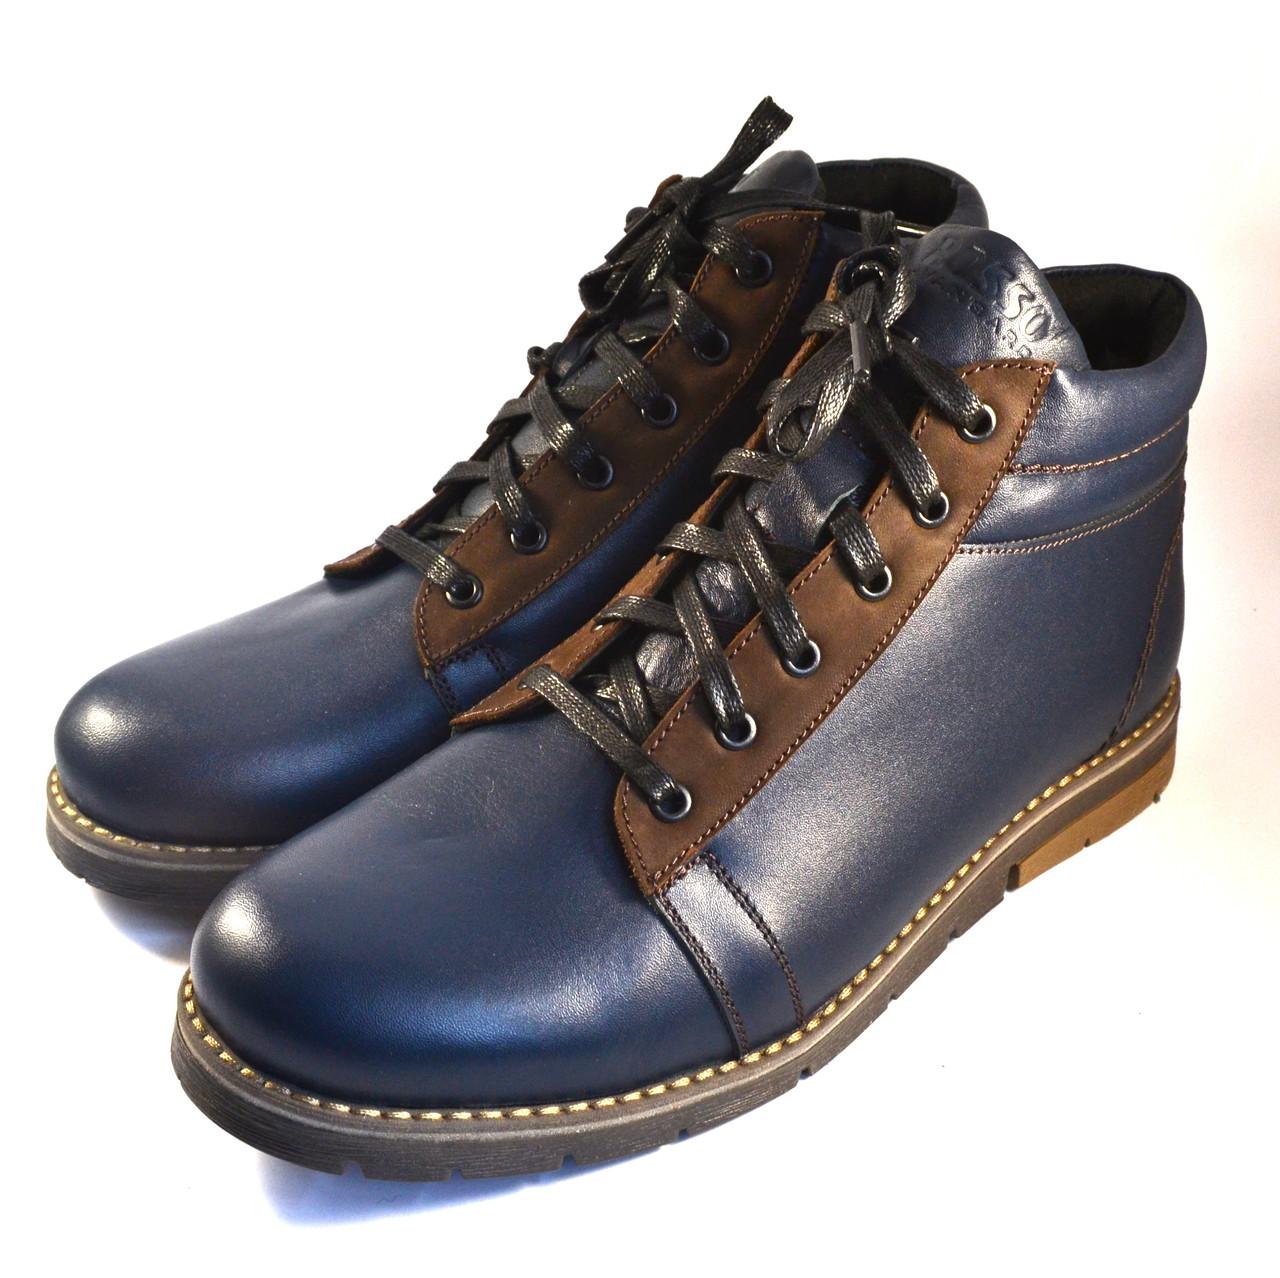 Зимние мужские синие ботинки Rosso Avangard Bridge Street Blu Leather